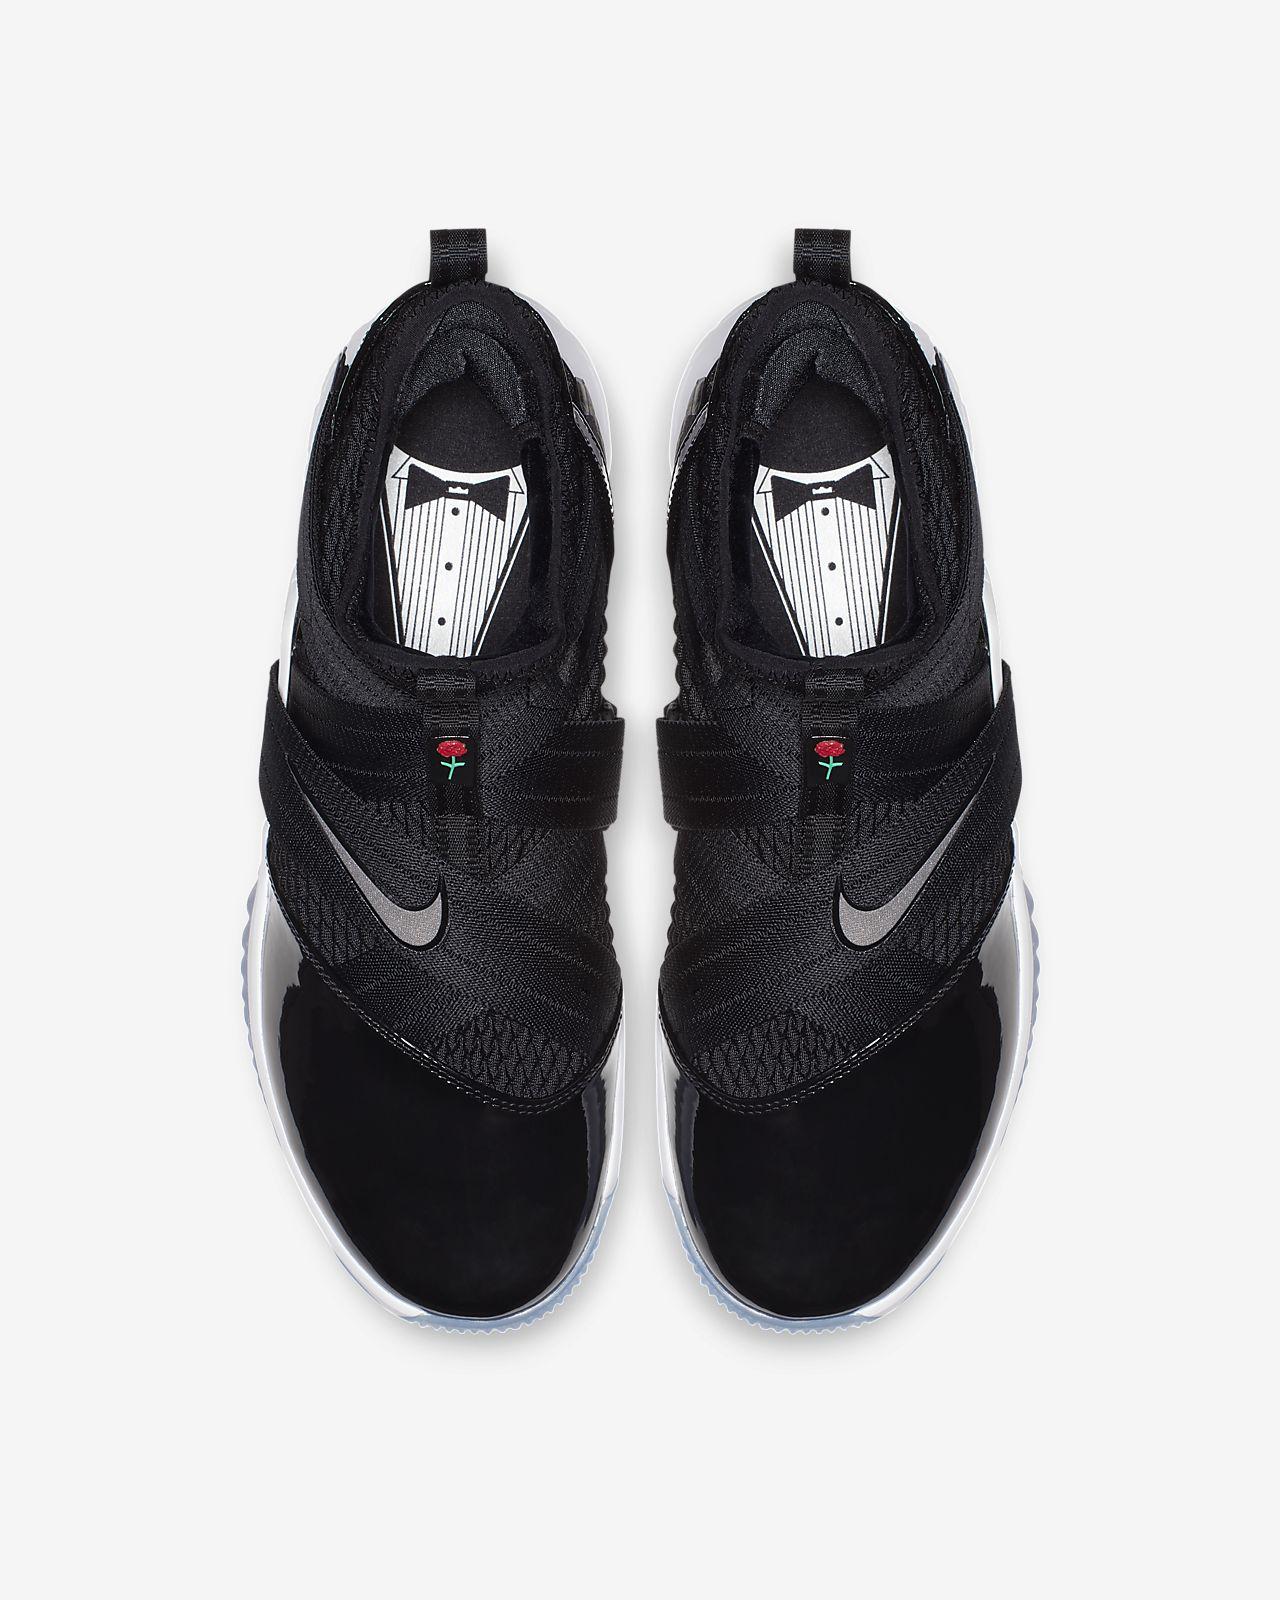 timeless design ea8ea e7929 LeBron Soldier 12 SFG Basketball Shoe